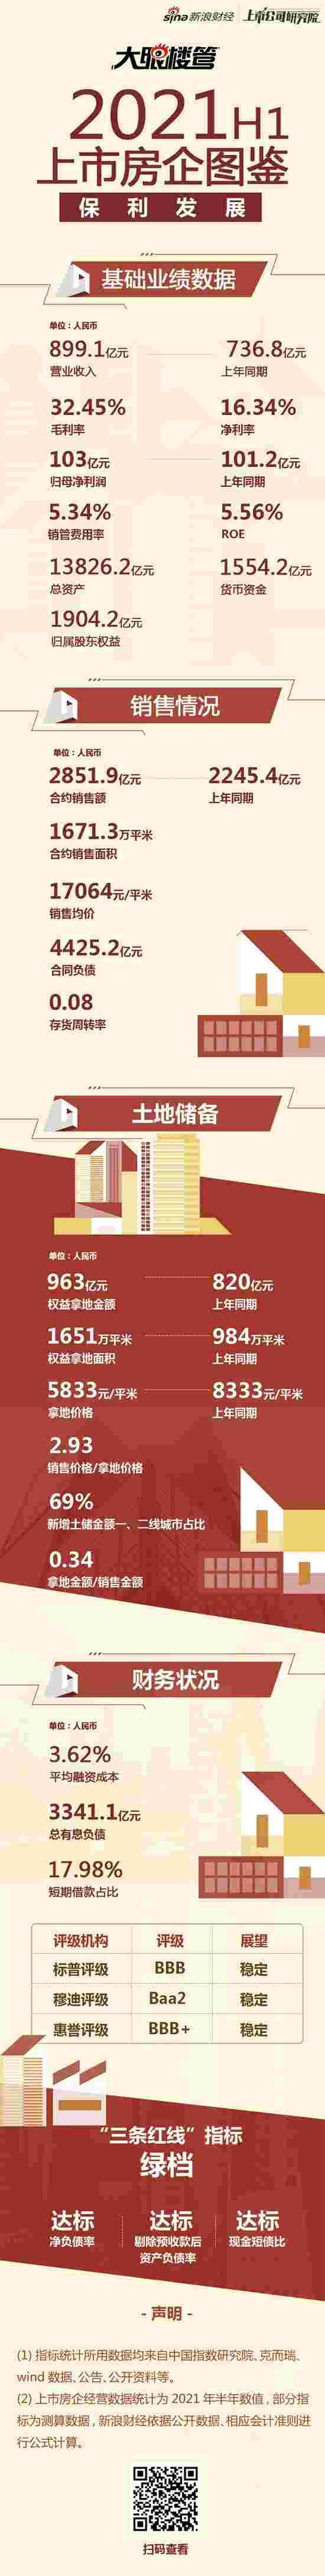 [房企图鉴] 保利发展:上半年合约销售额2852亿元? 融资成本3.62%